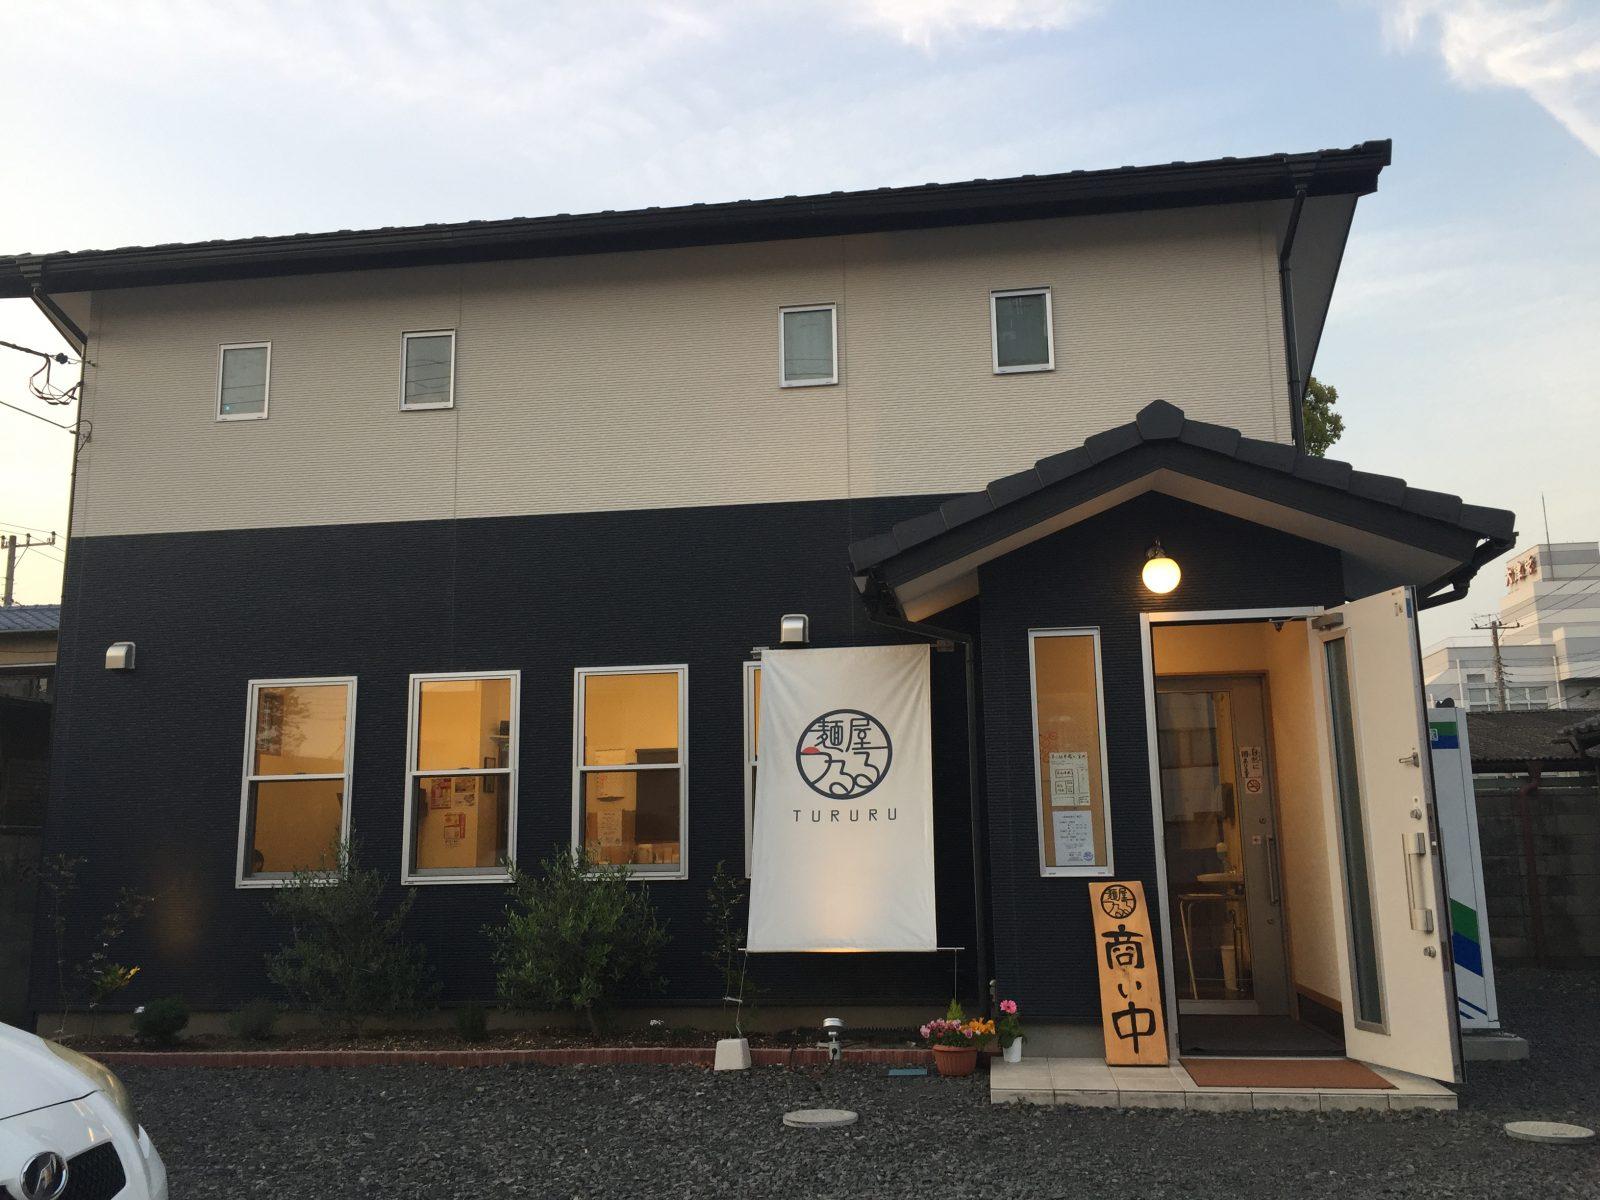 テツの食卓72 麺屋つるる(栃木県足利市) ※ラリー43店舗目